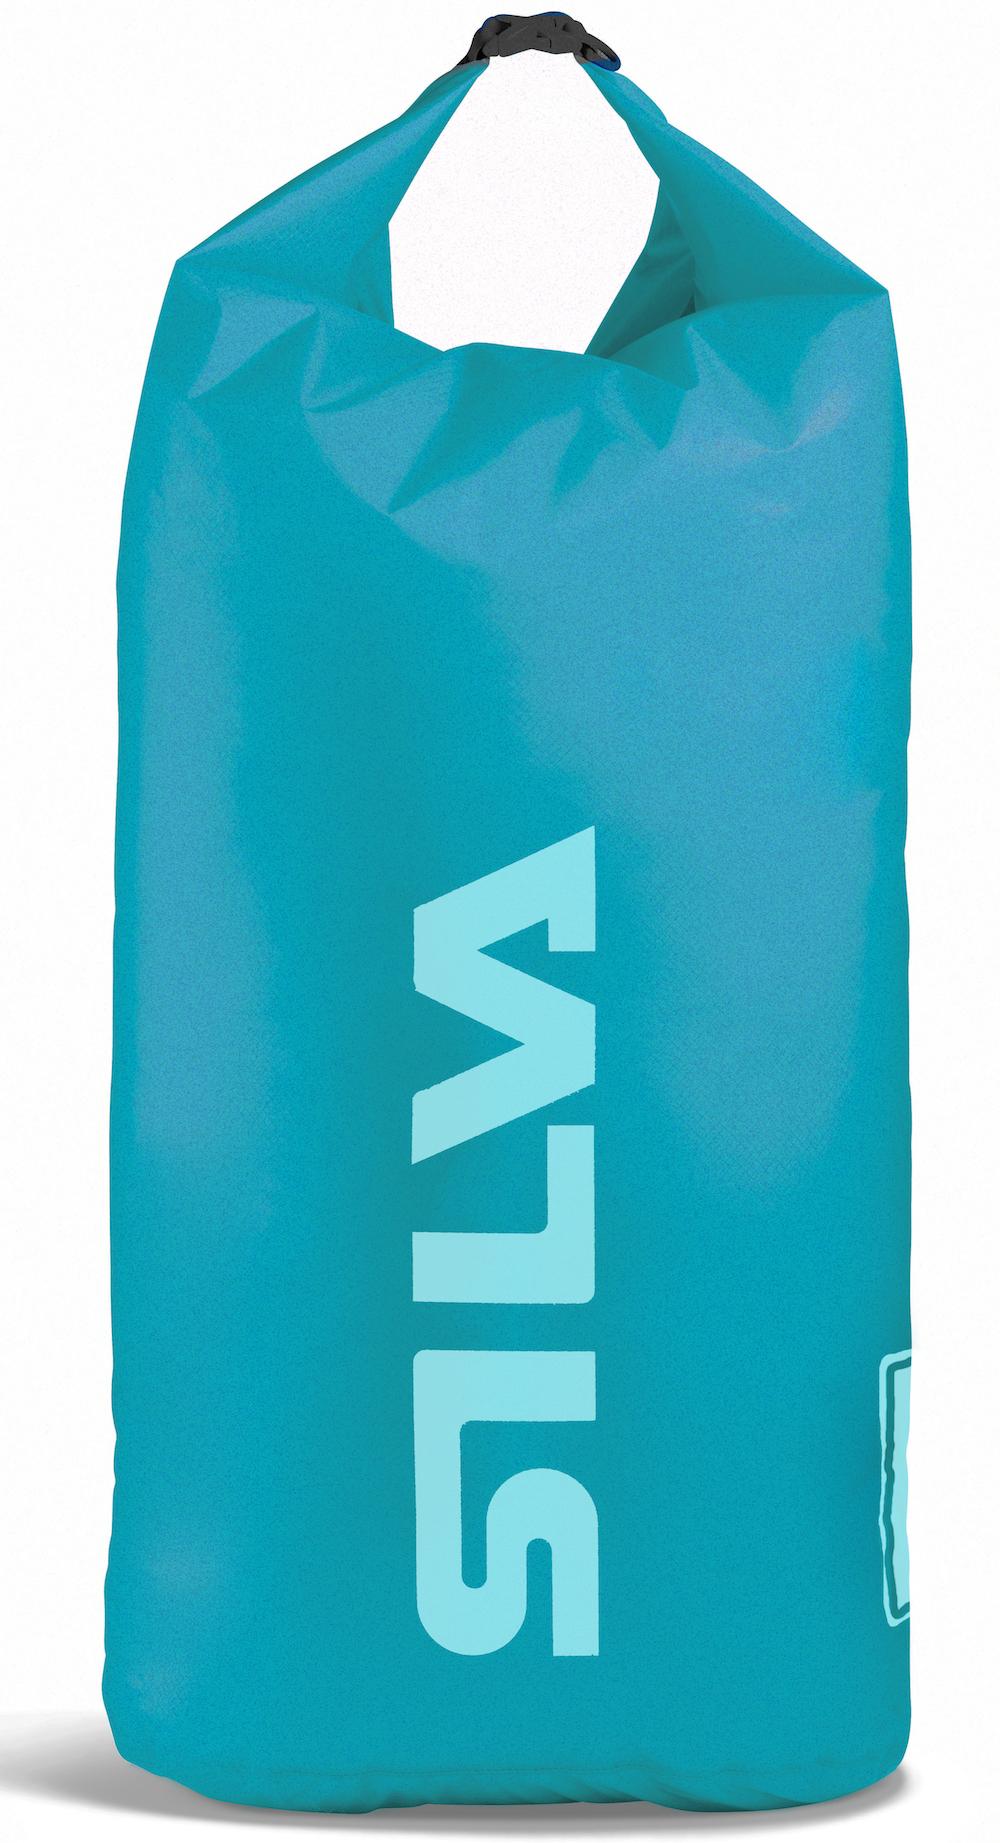 Silva - Carry Dry Bag 70D - 36L